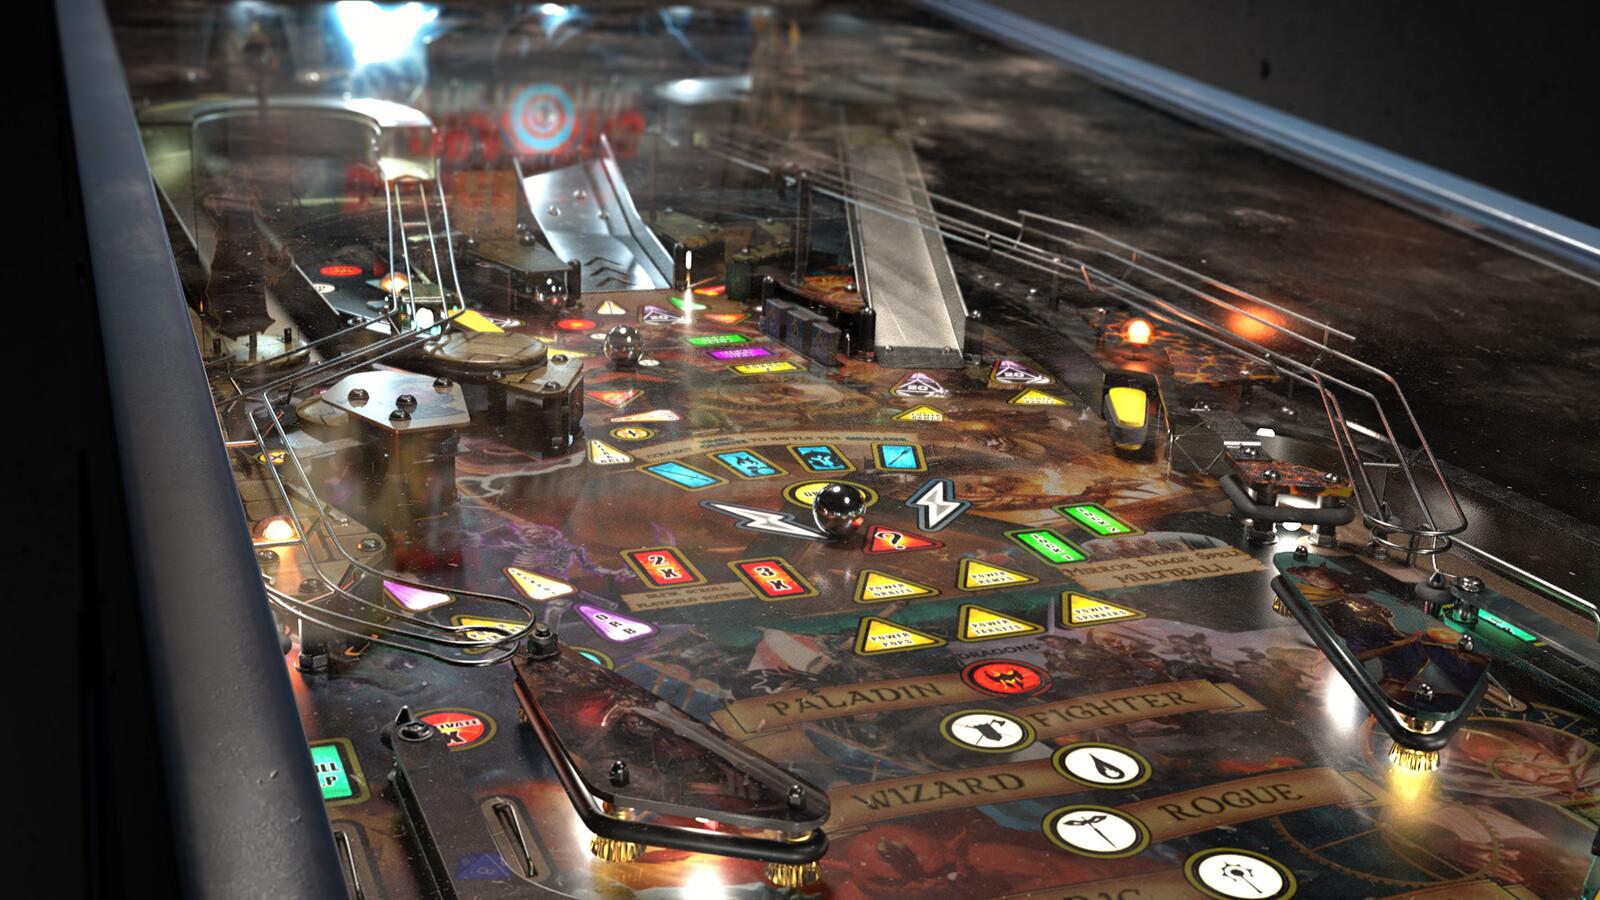 The Dungeons and Dragons Pinball Machine